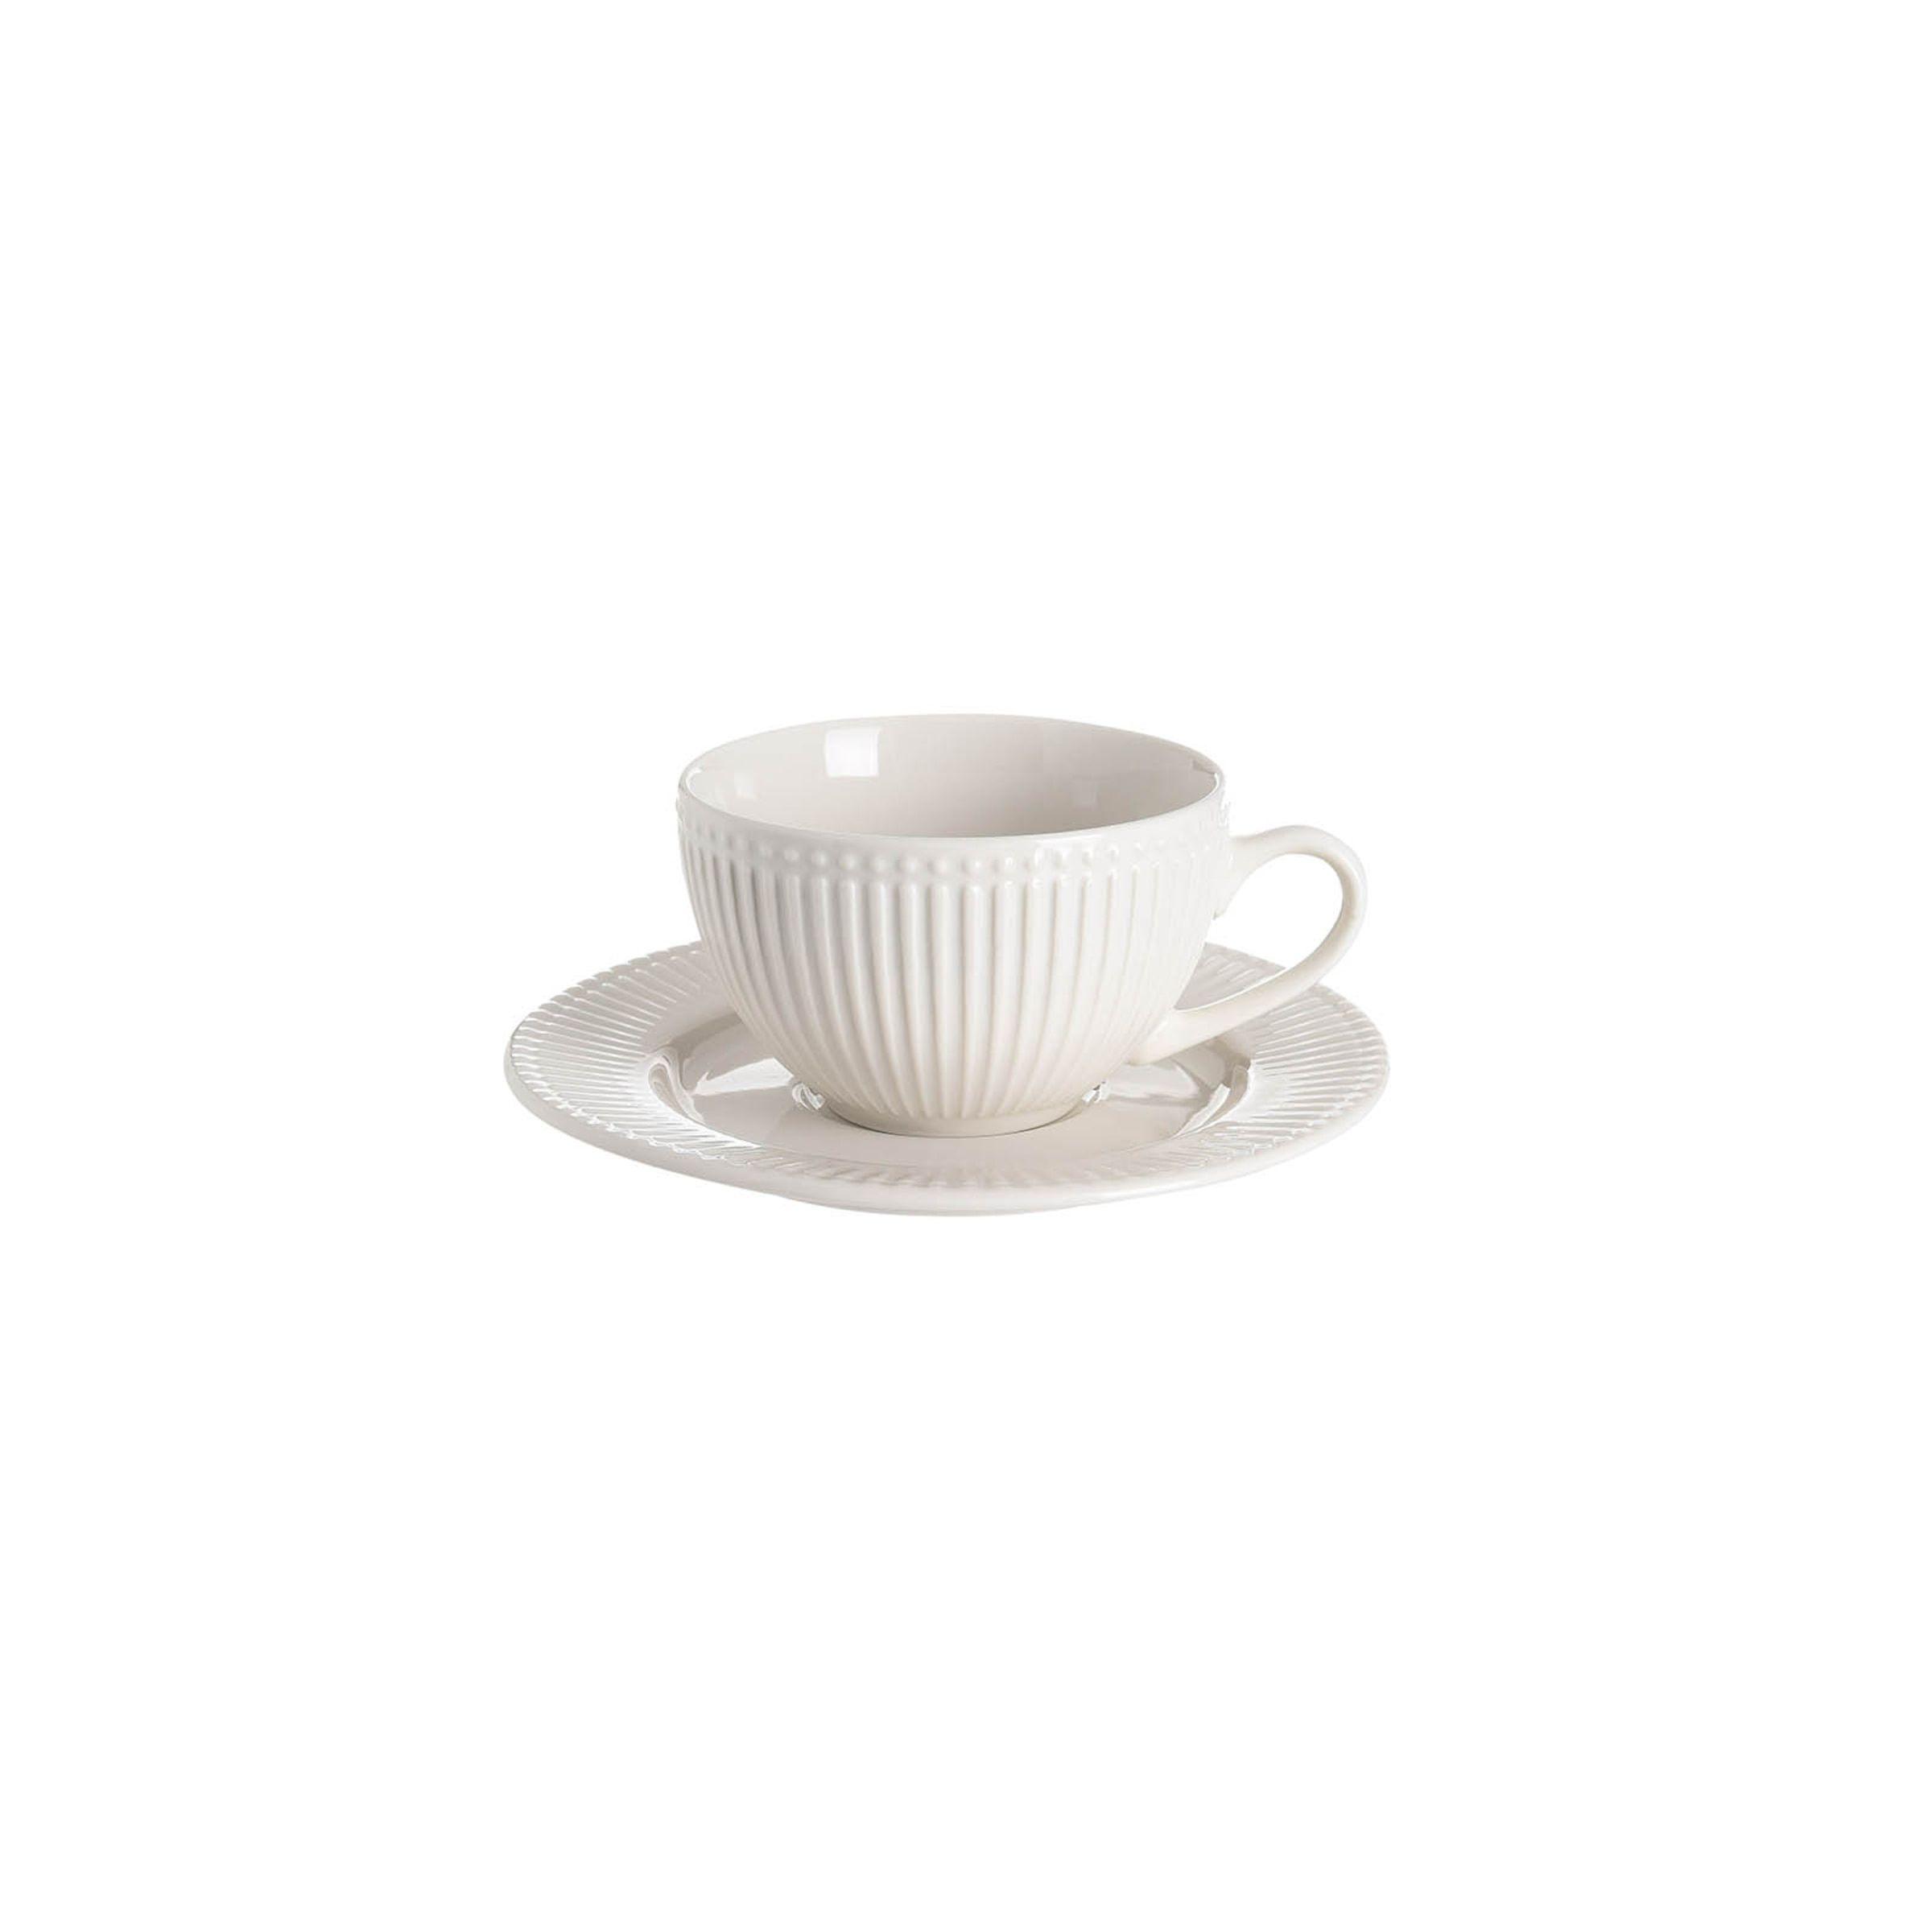 Kaffeetasse Relief mit Untertasse, 250ml, creme